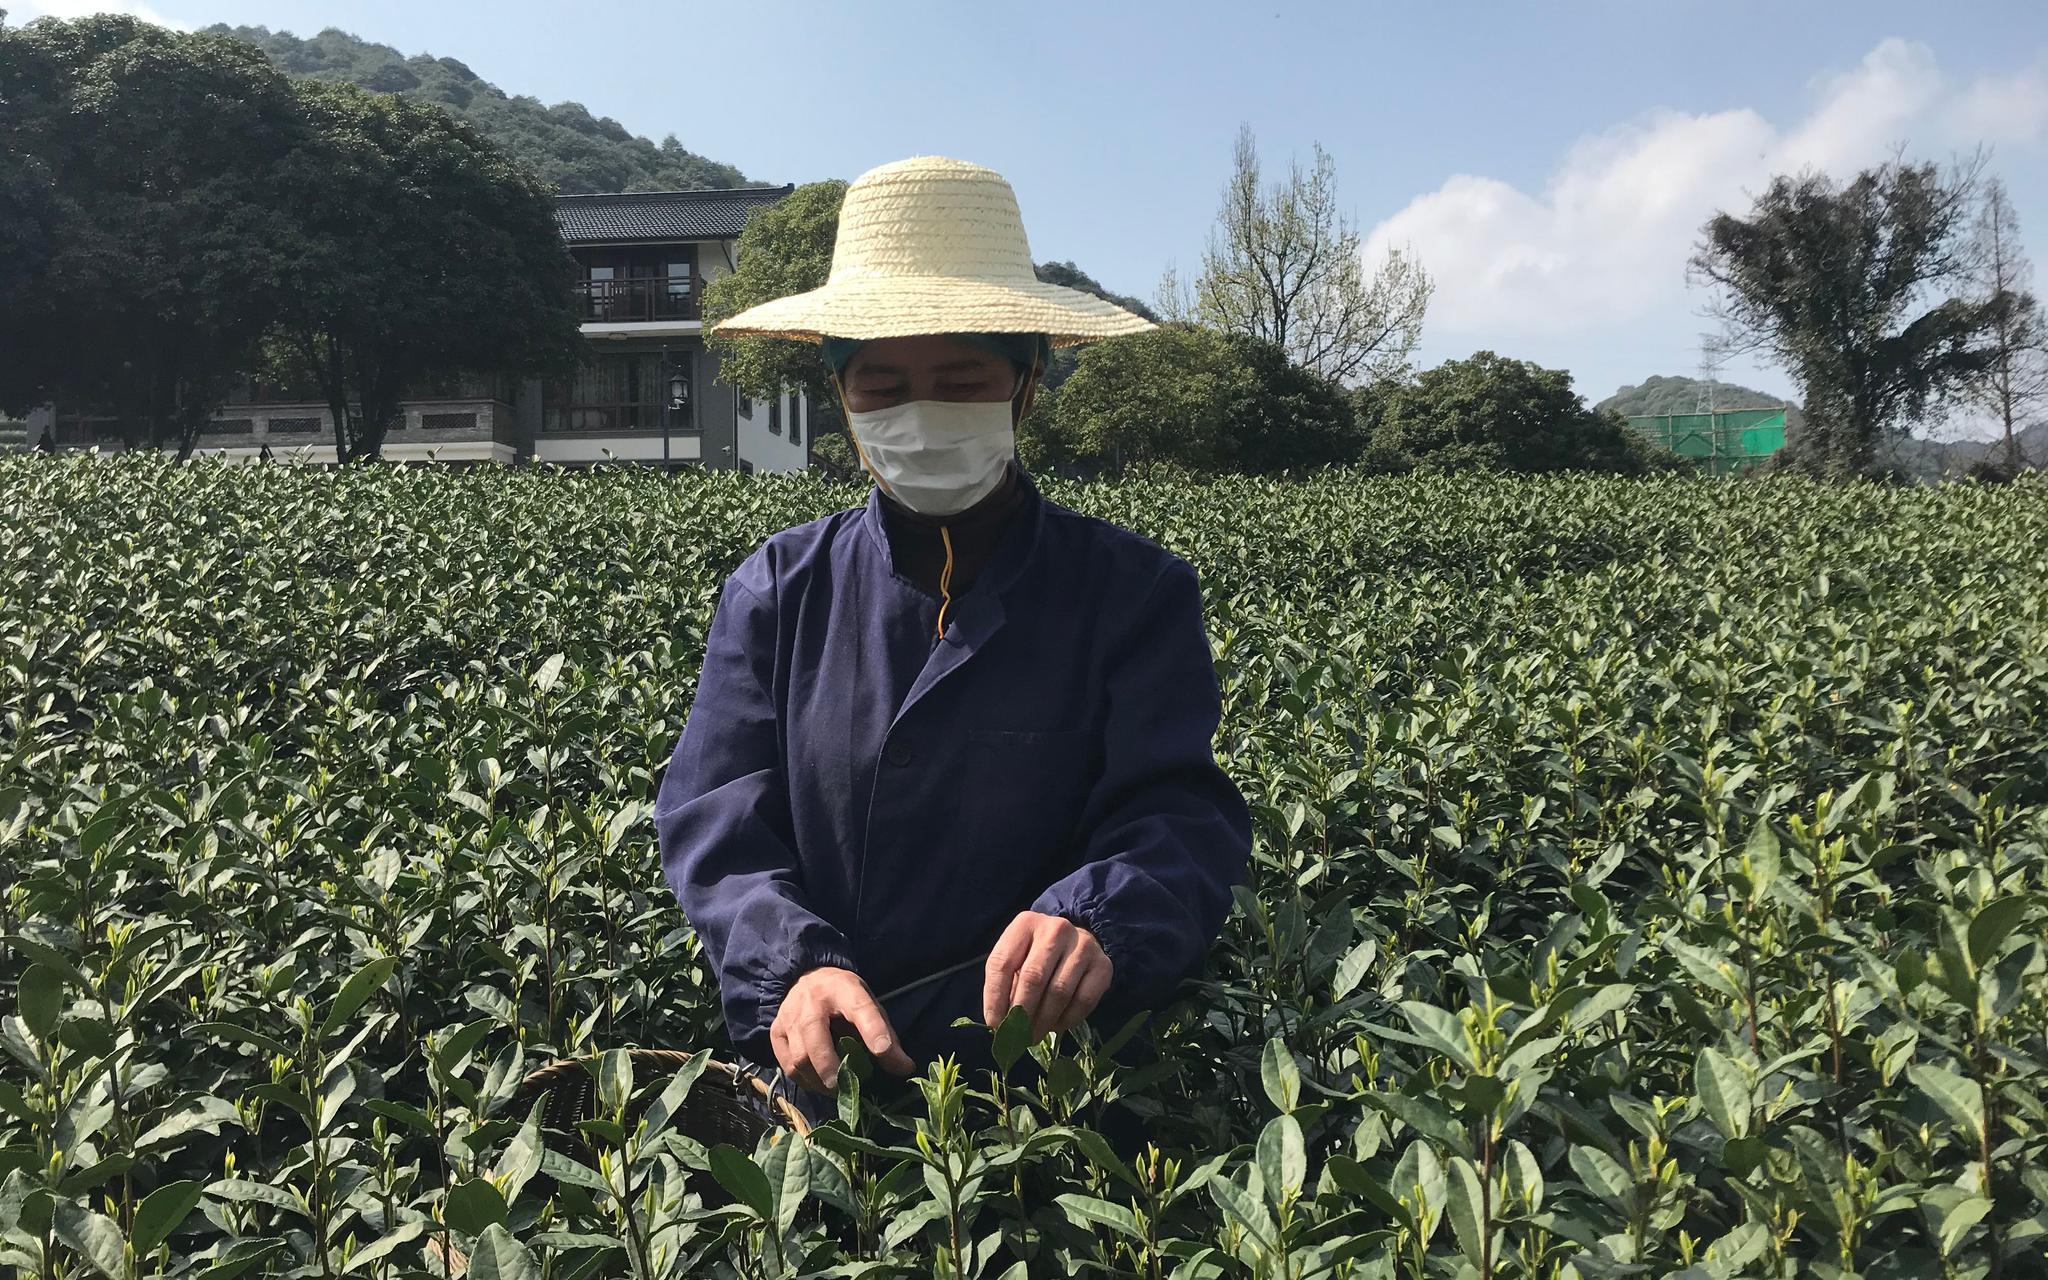 西湖龙井茶进入大规模开采,今年价格将略有上升图片